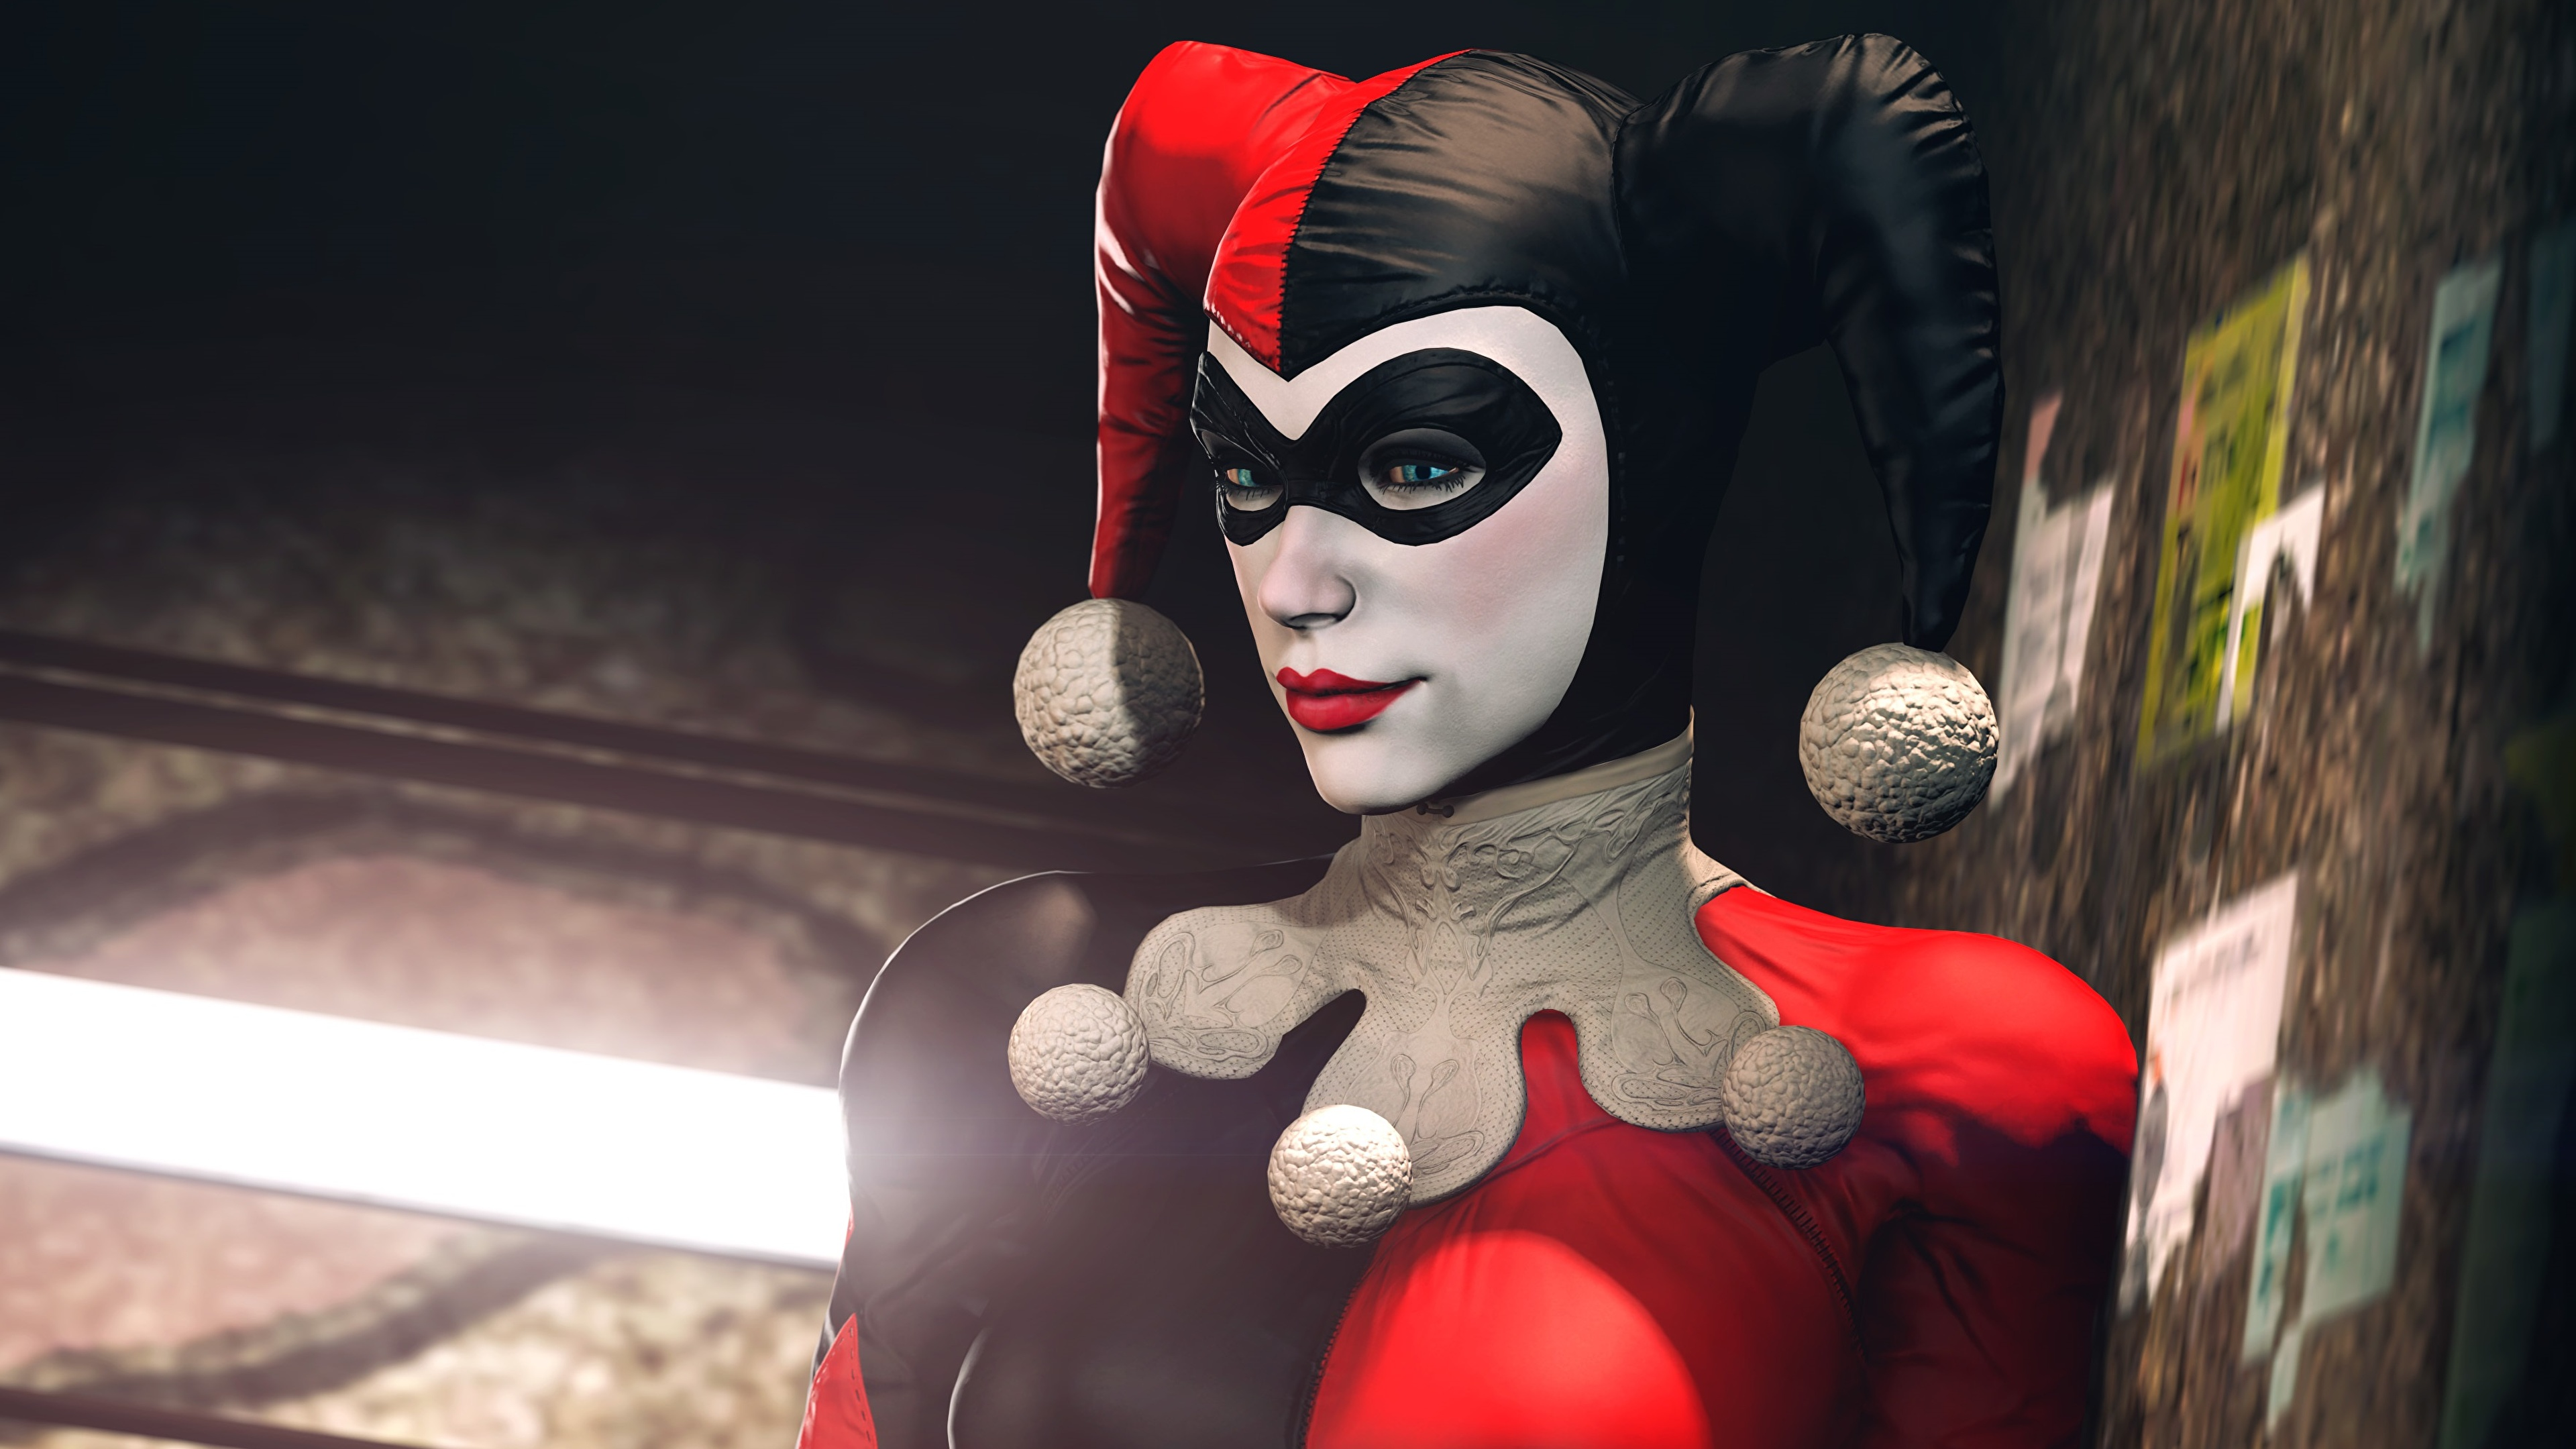 Desktop Wallpapers Batman Latex Harley Quinn Hero 3d 3840x2160